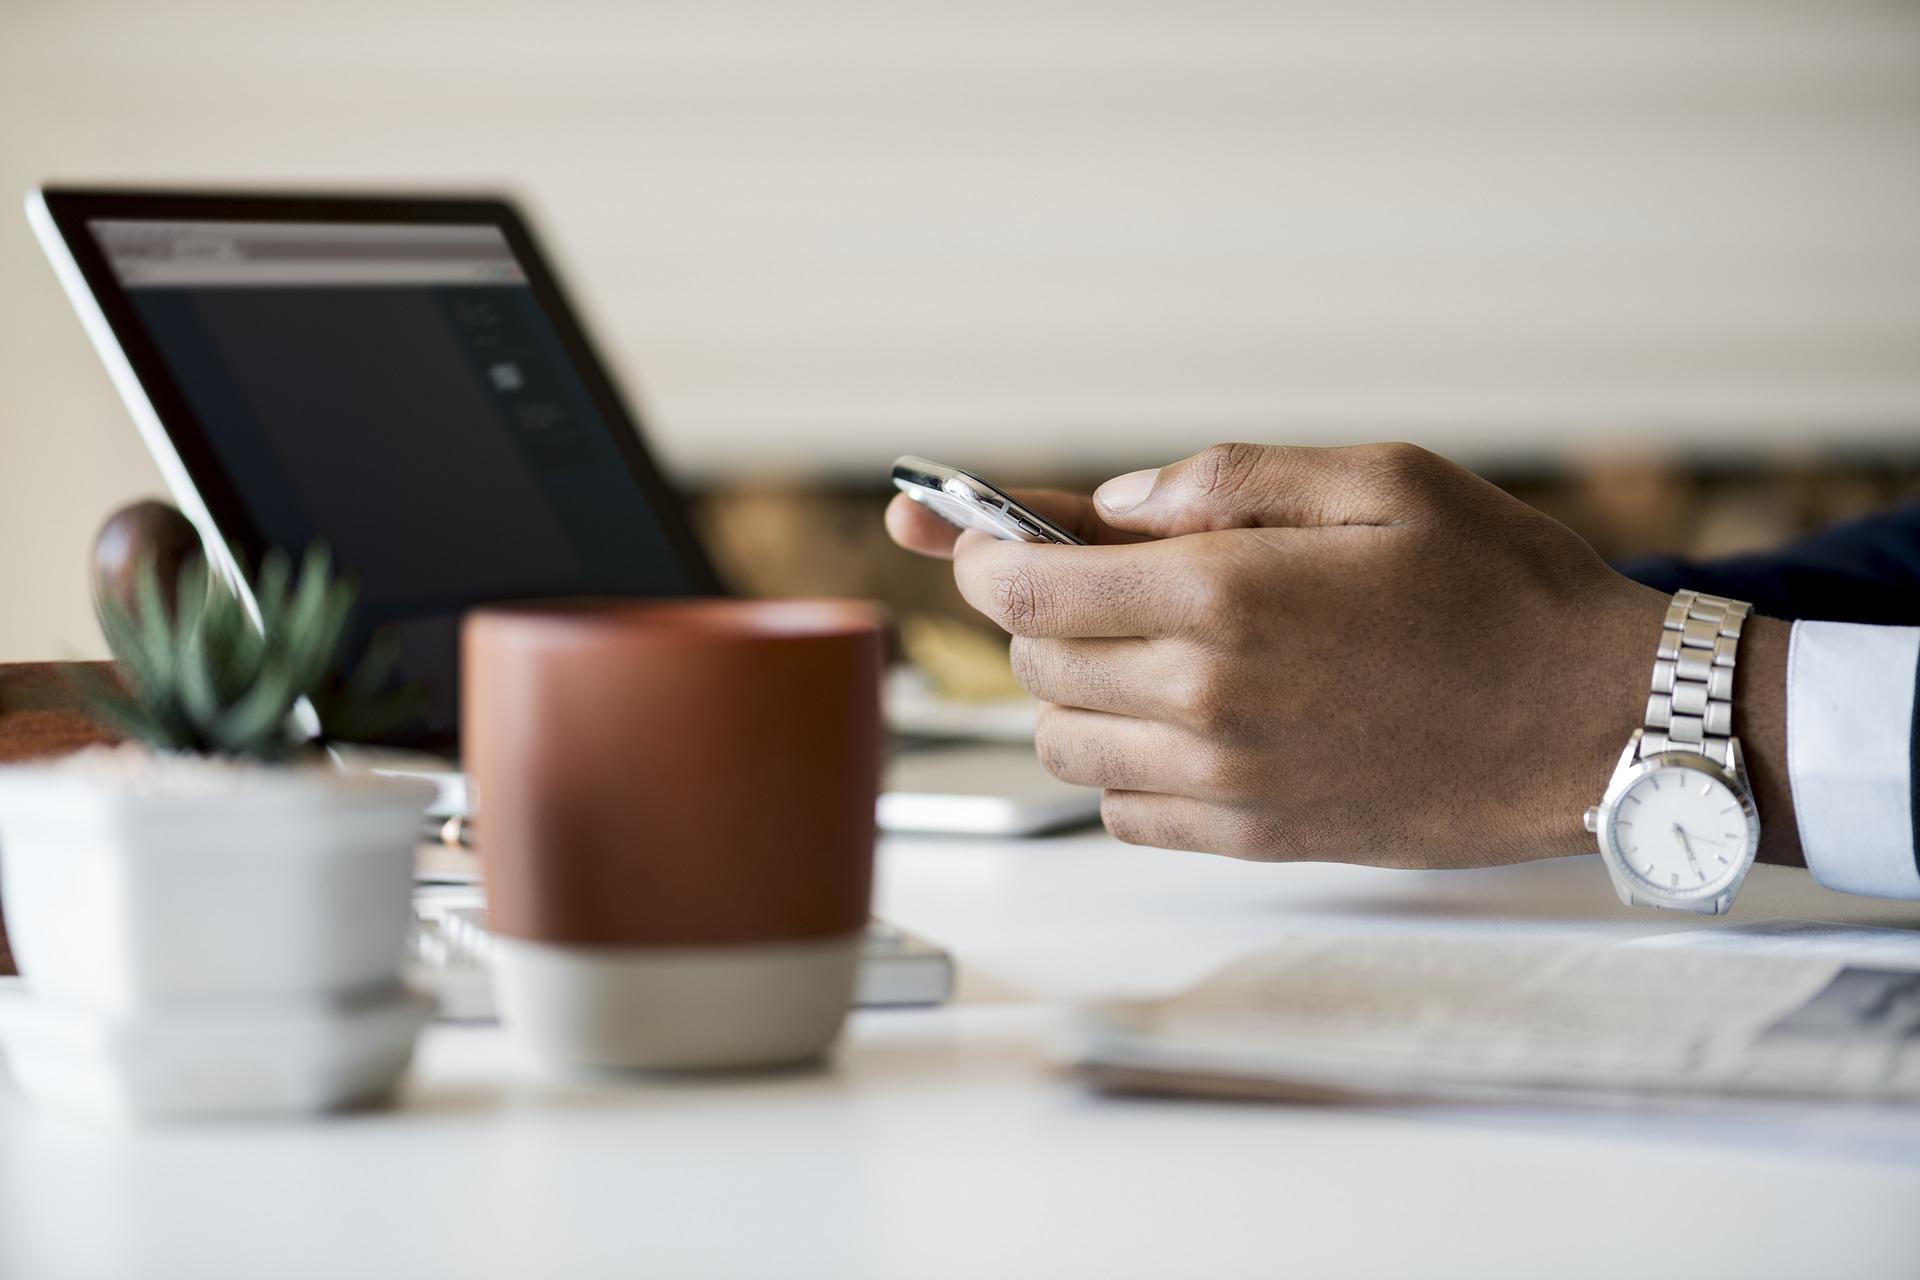 Z 2019-go startuje systema podannja finzvitnosti v e-formati